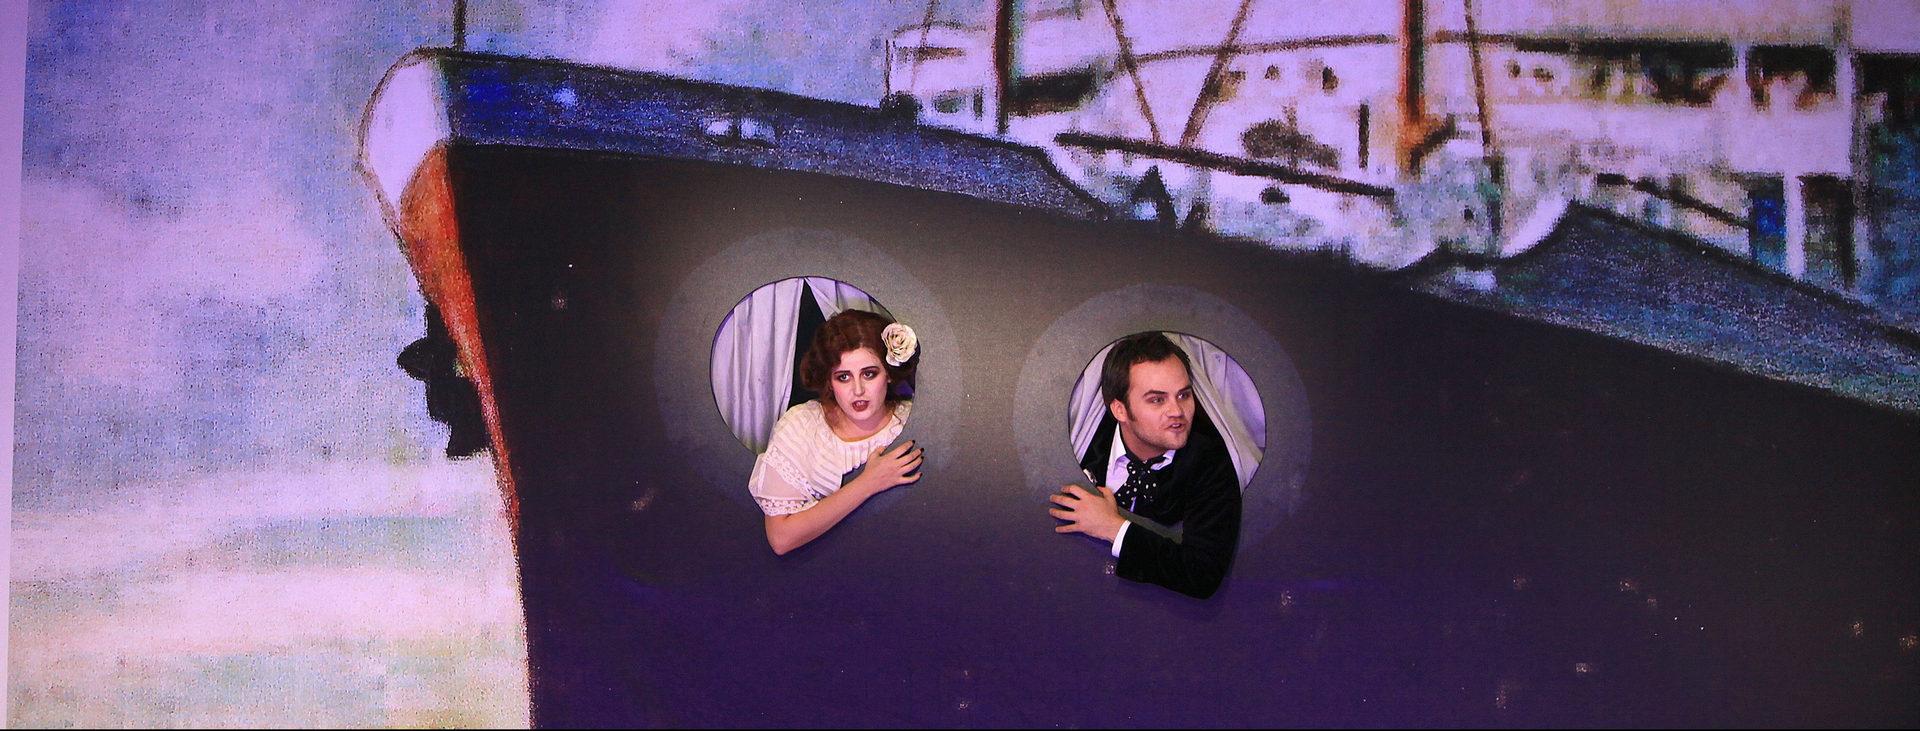 Cambiale-di-matrimonio-Opera-Stage-Director-Jacopo-Spirei-scene